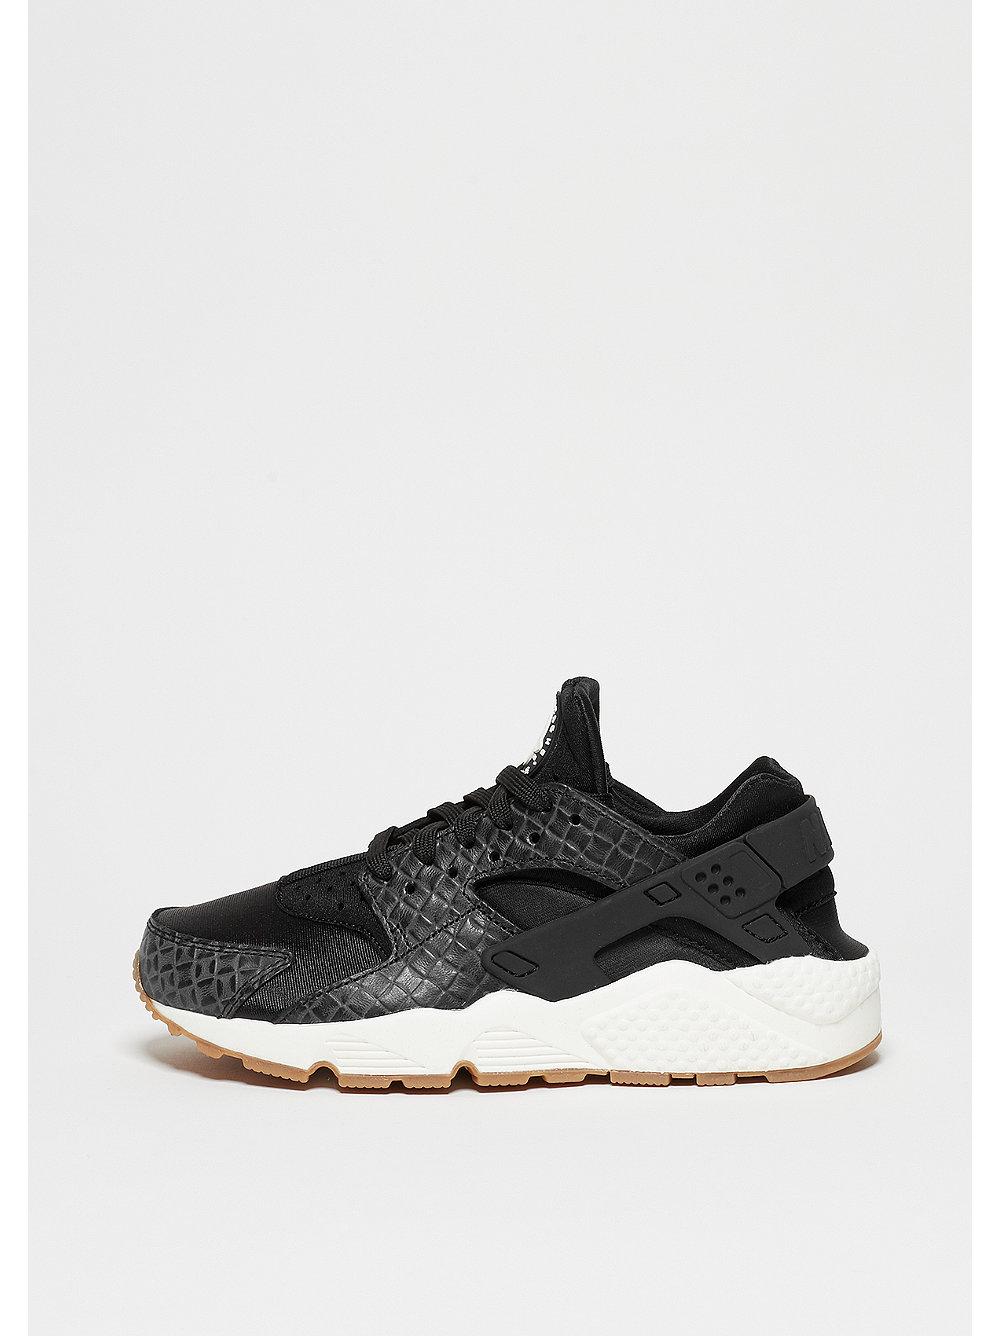 Nike Air Huarache Run damessneaker zwart